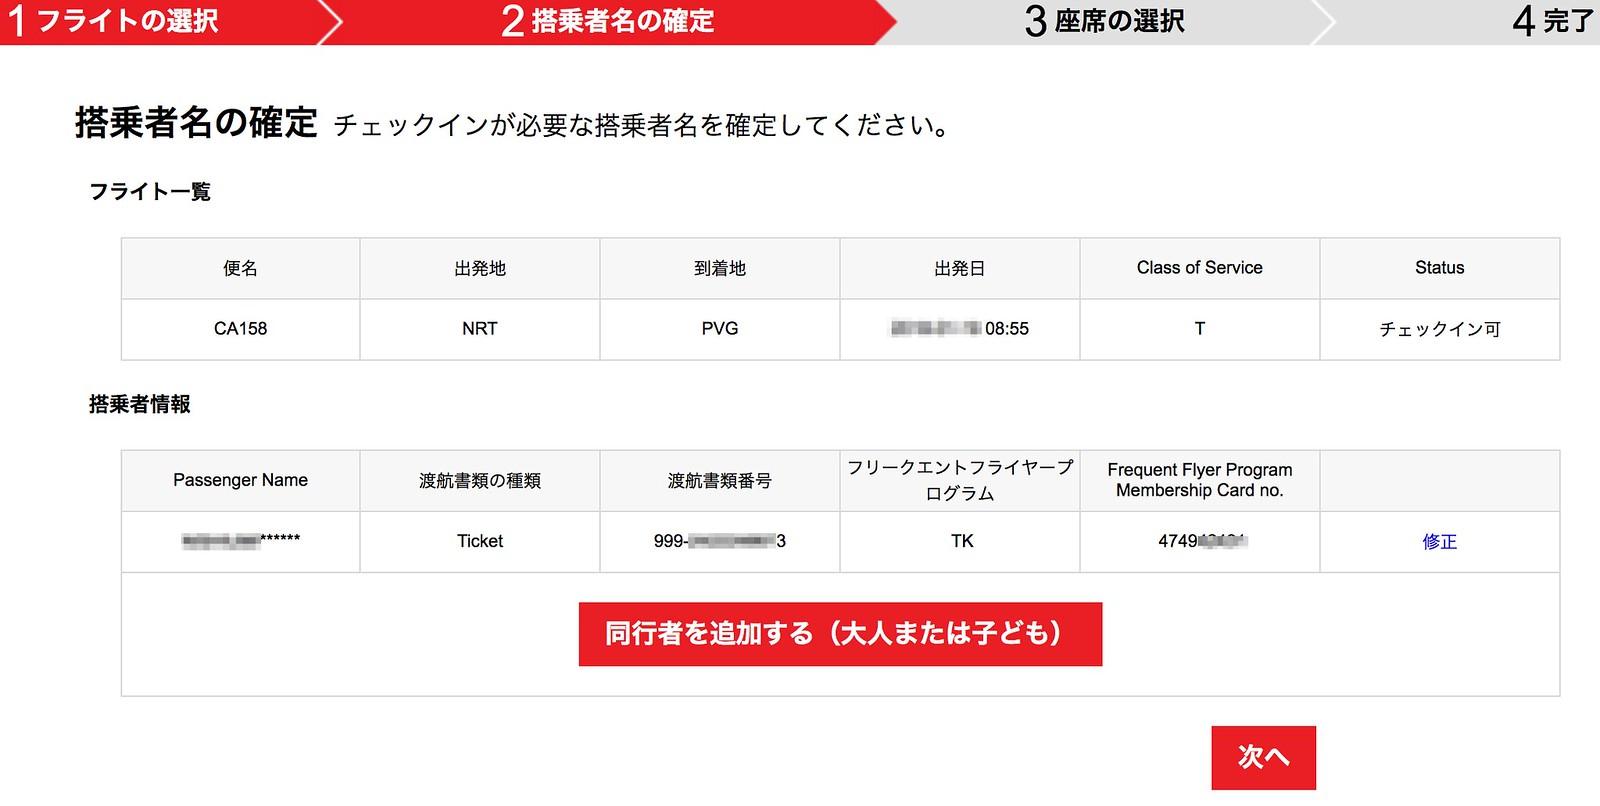 中国国際航空・日本公式サイト-14